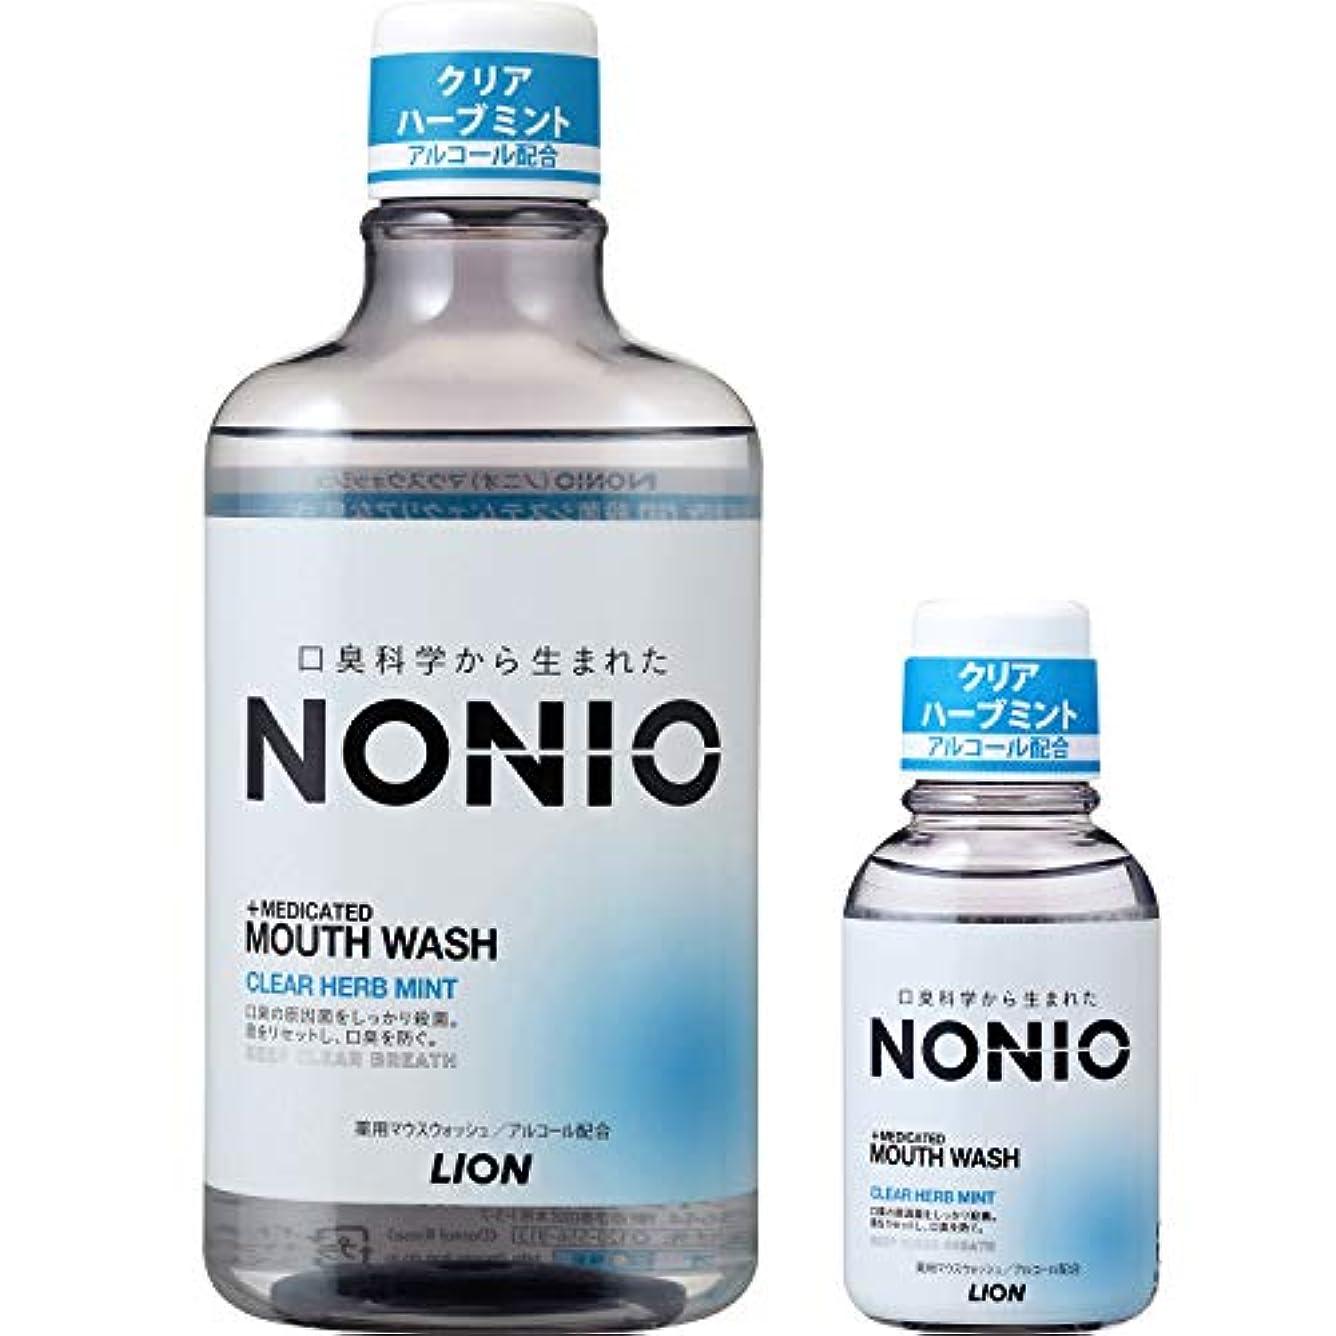 契約した留め金嬉しいです[医薬部外品]NONIO マウスウォッシュ クリアハーブミント 600ml 洗口液+ミニリンス80ml